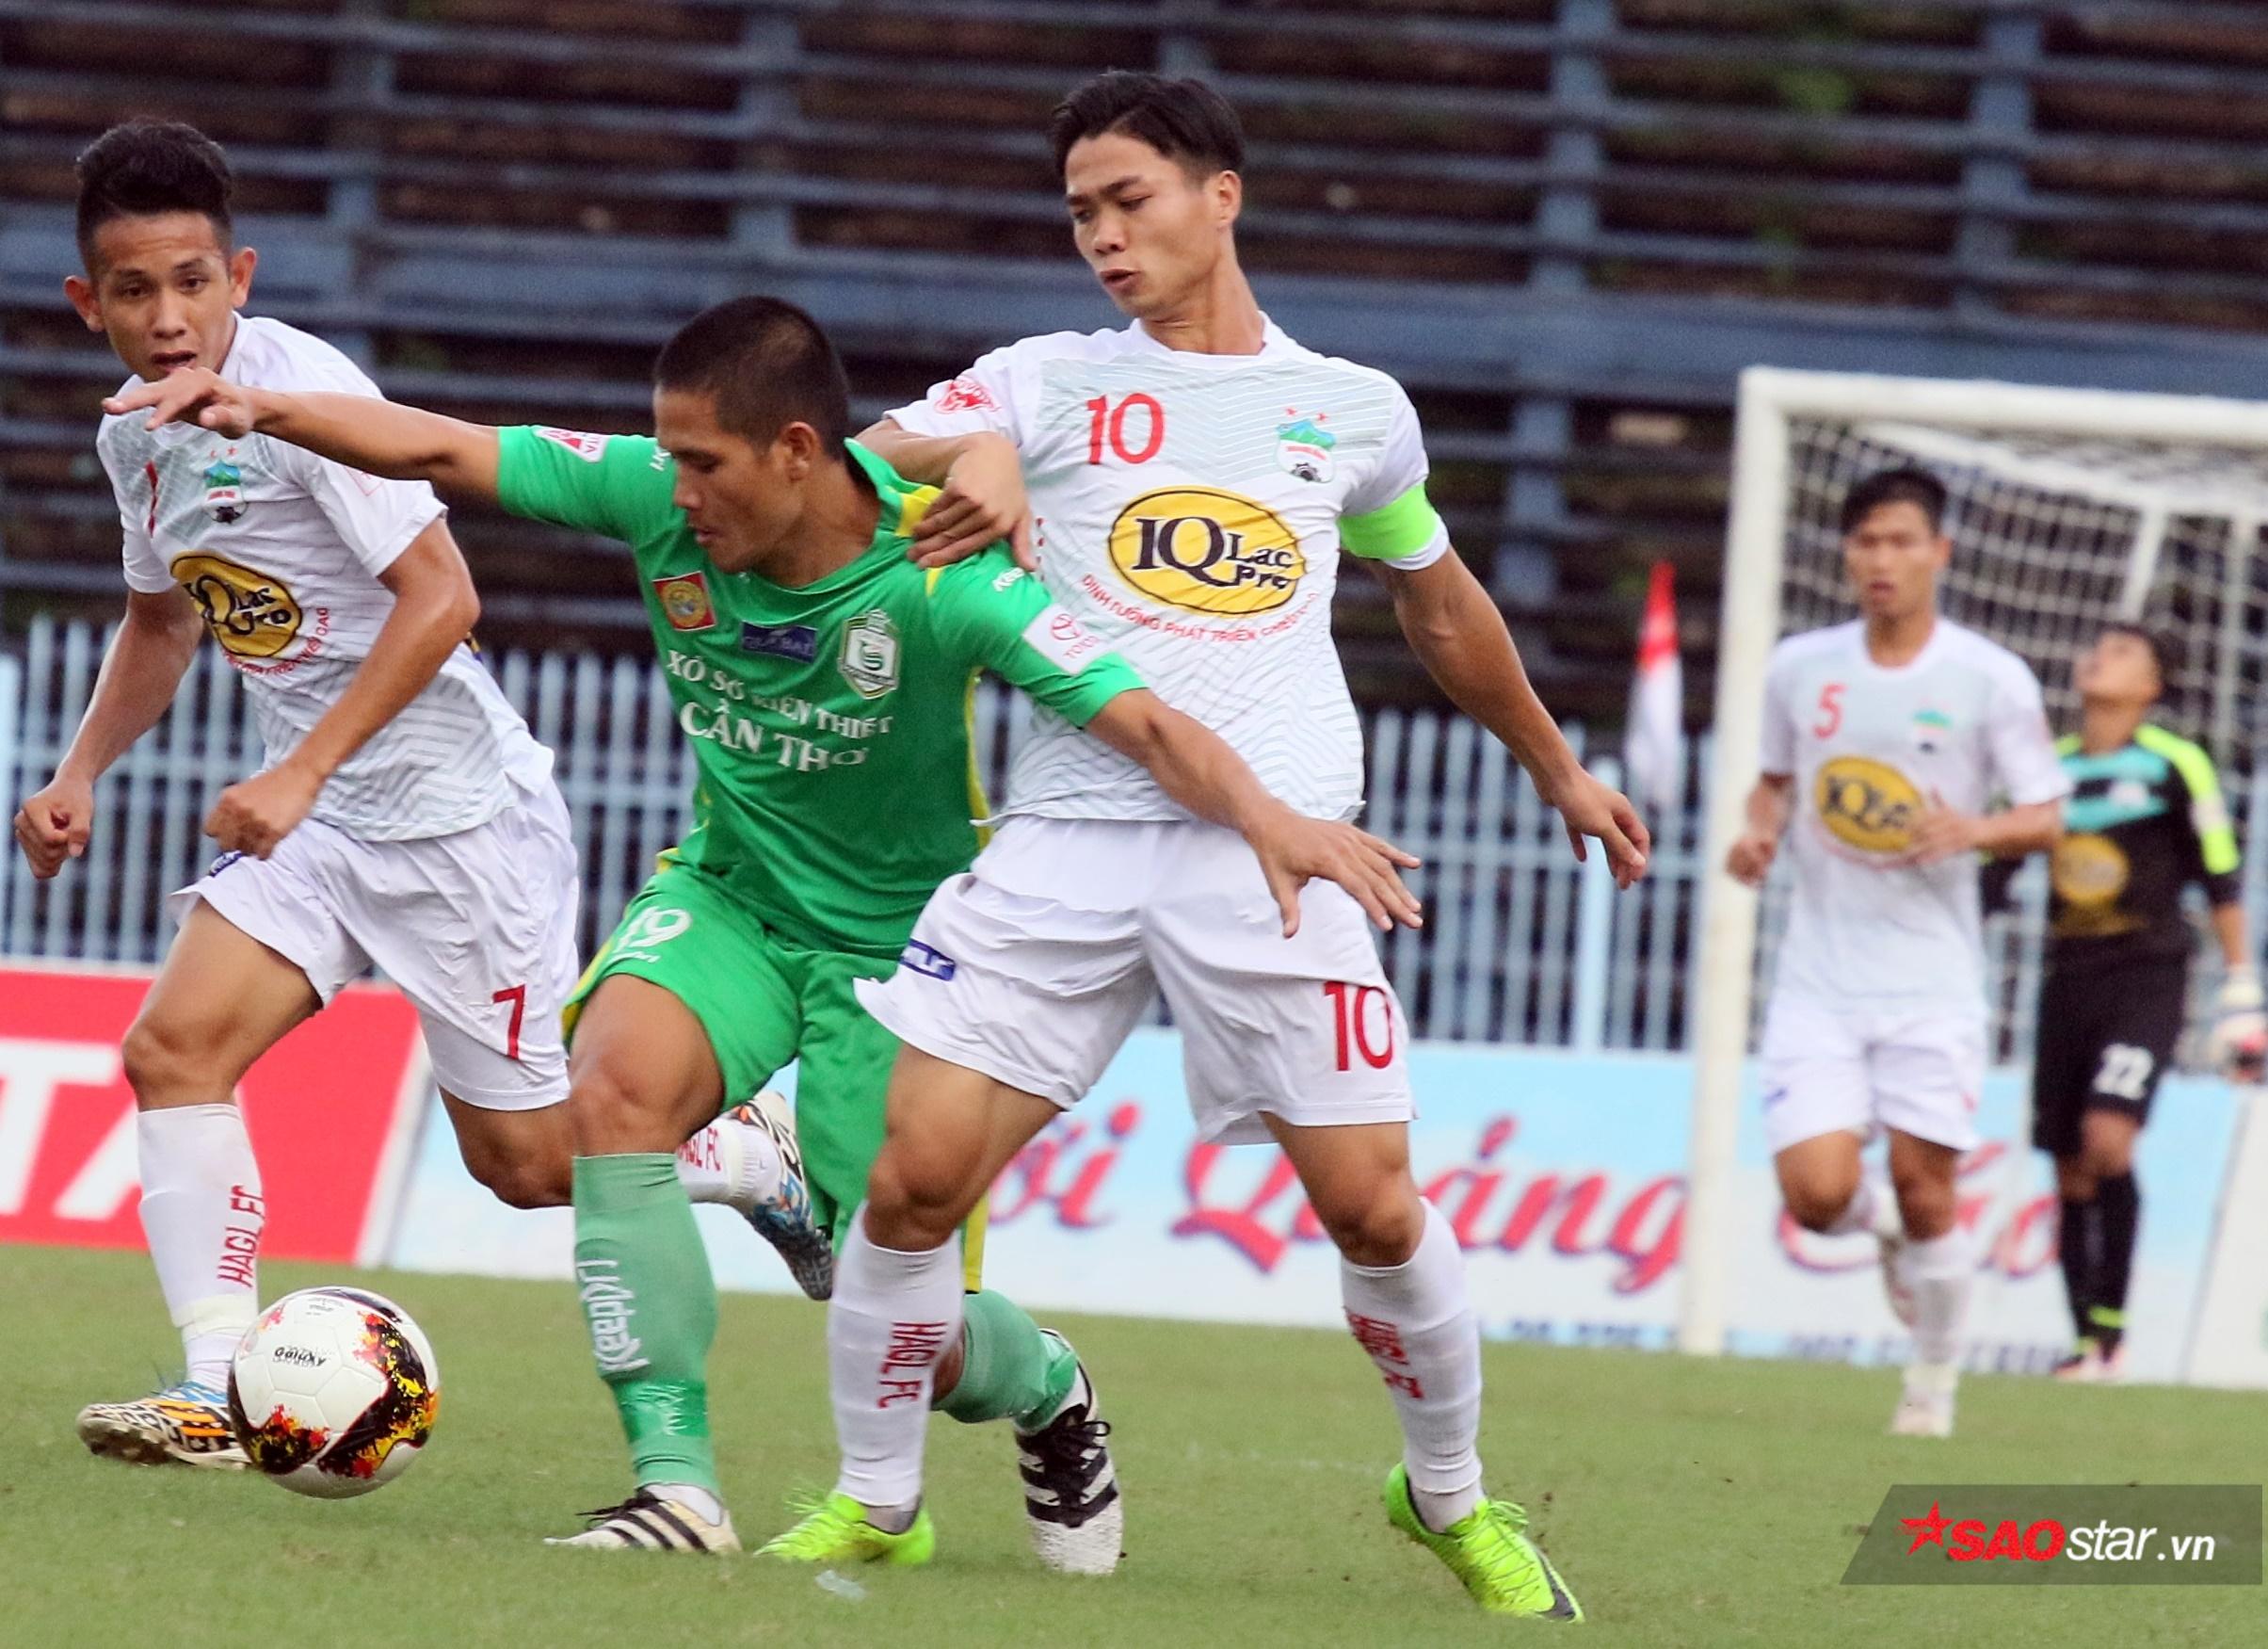 HAGL từng bị HLV Vũ Quang Bảo chê không biết chơi tiểu xảo trước Cần Thơ.